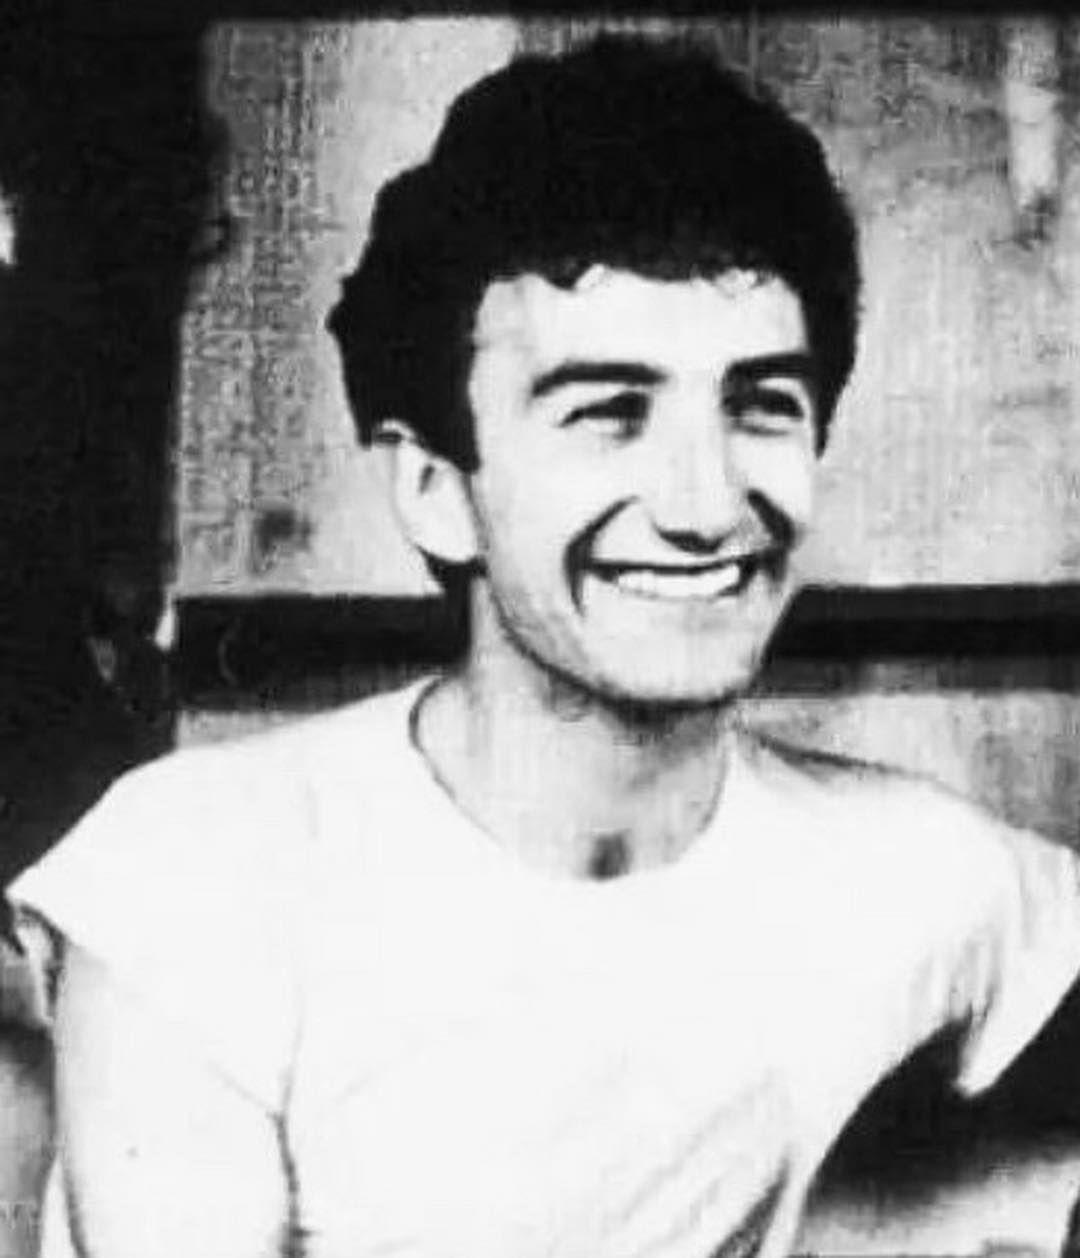 John Deacon smiles